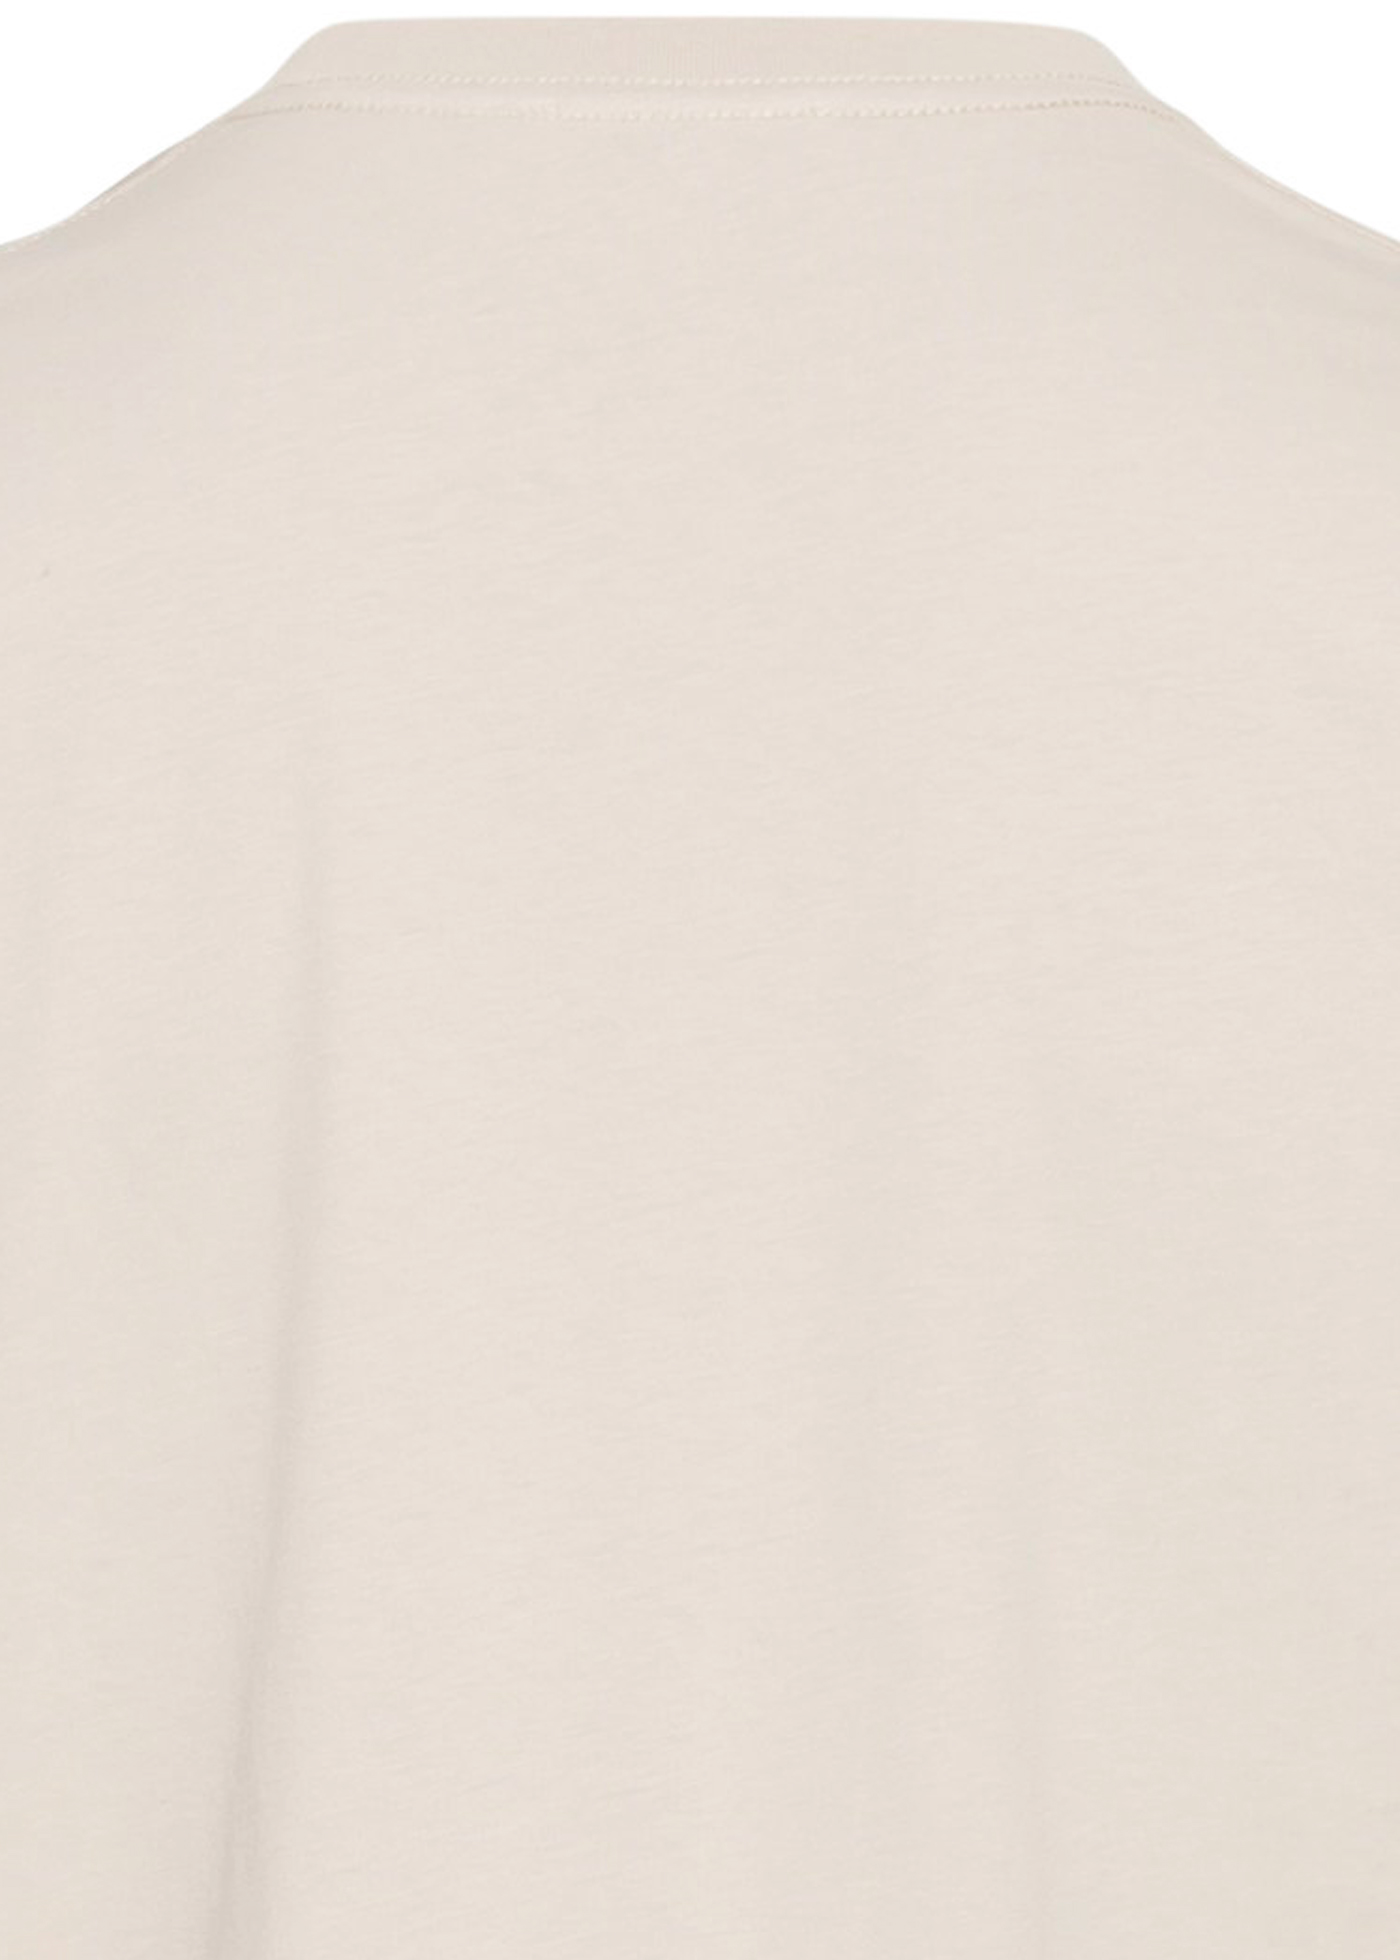 PRO. T-Shirt 4V2 XXL image number 3